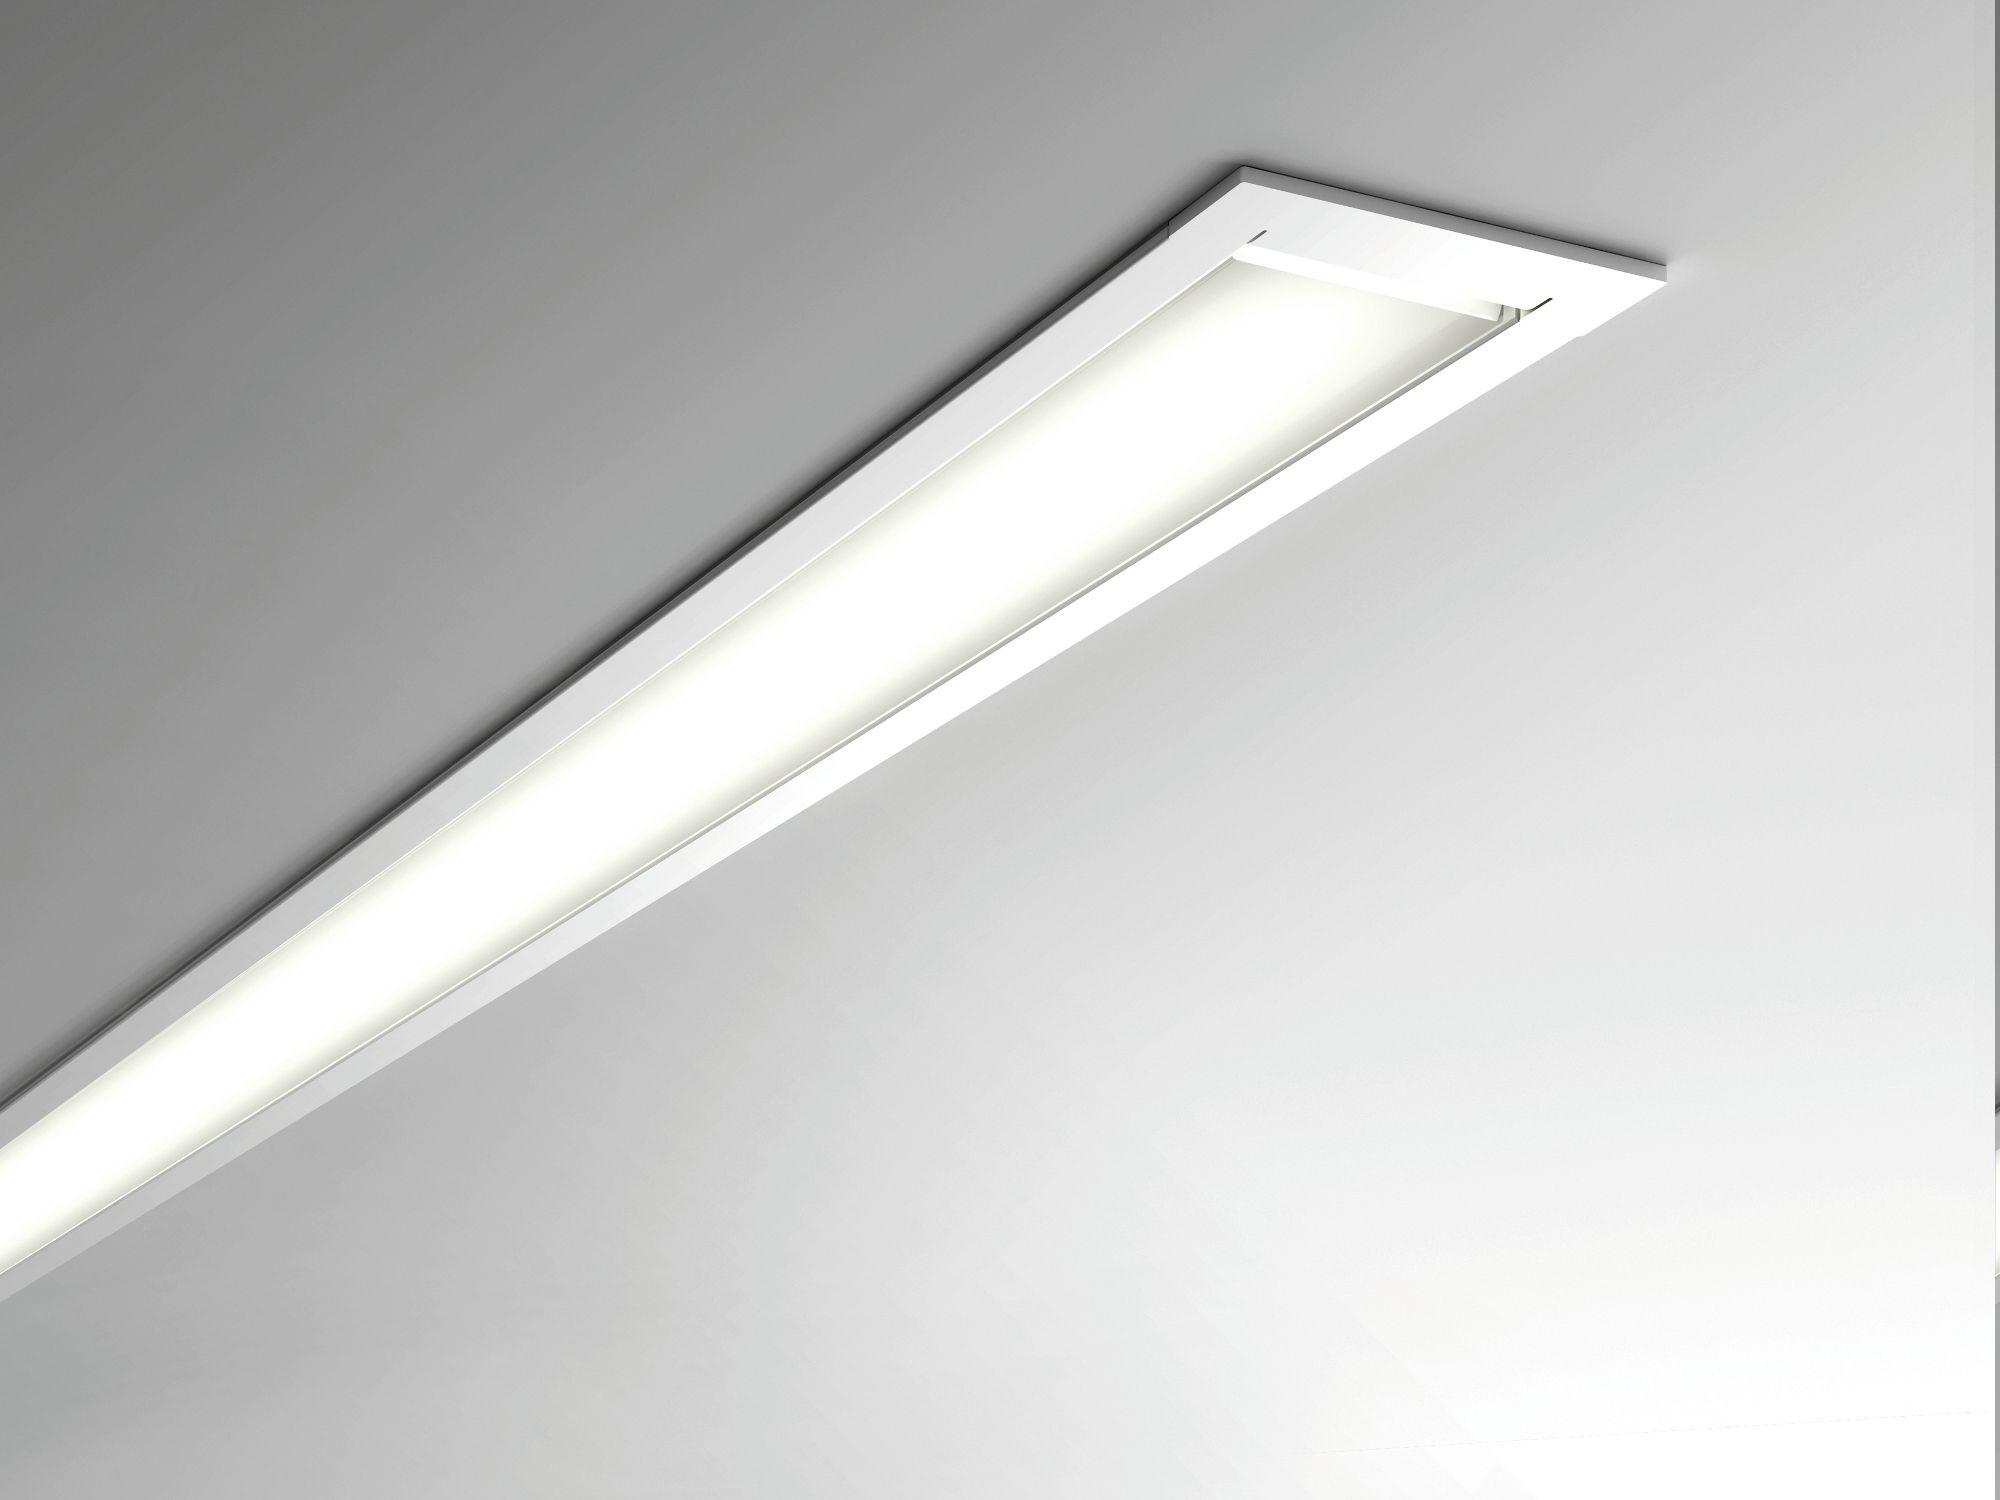 LAMPADA DA INCASSO A LED A LUCE DIRETTA MICROFILE COLLEZIONE MICROFILE BY LUCIFERO'S